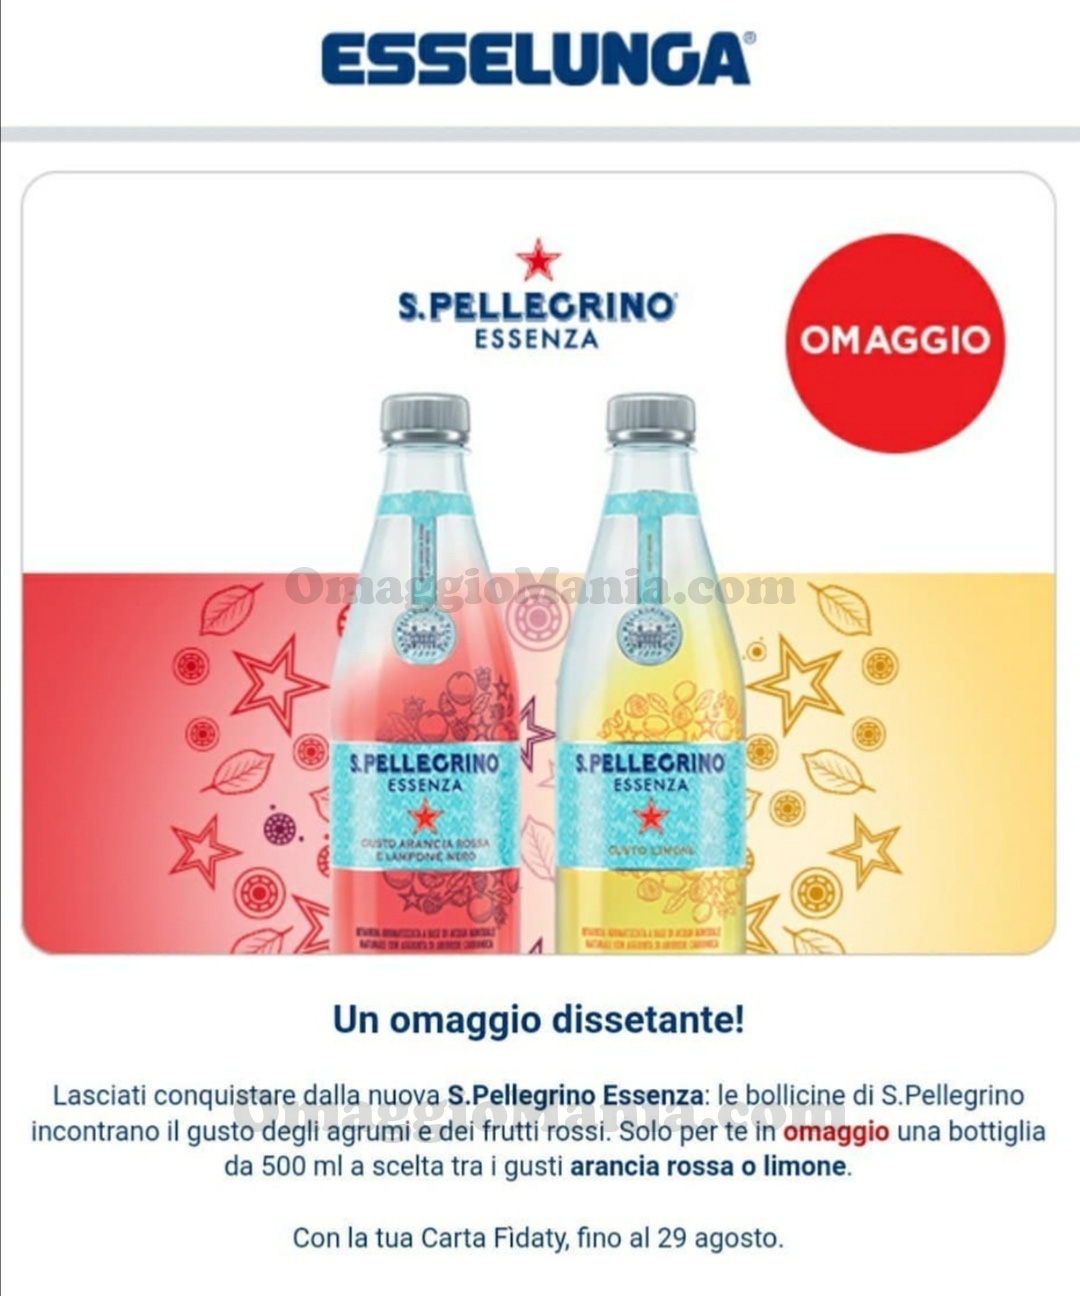 S.Pellegrino Essenza omaggio con Esselunga